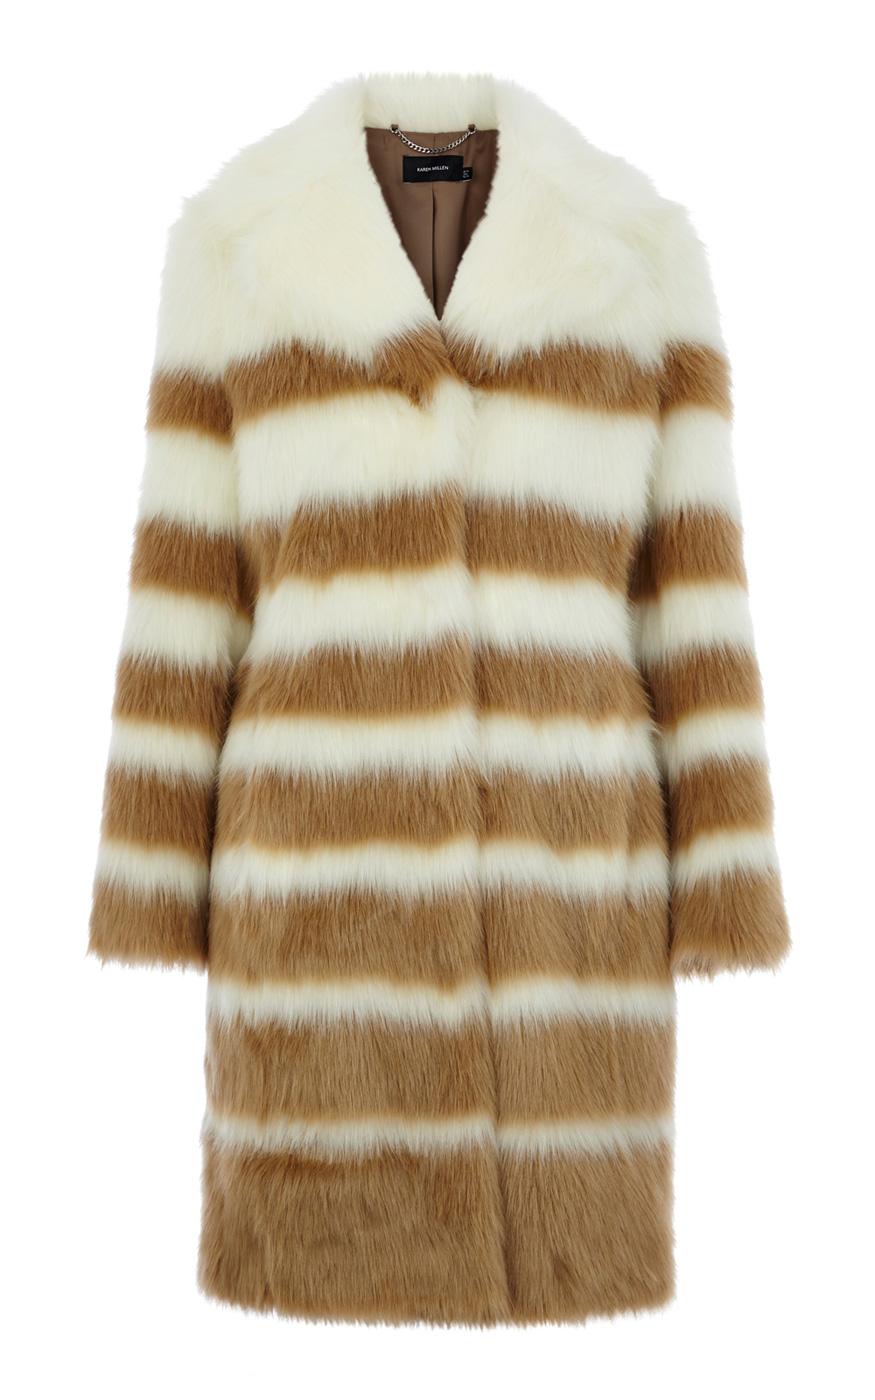 9891fe9988e8 Karen Millen Striped Faux Fur Coat in Brown - Lyst